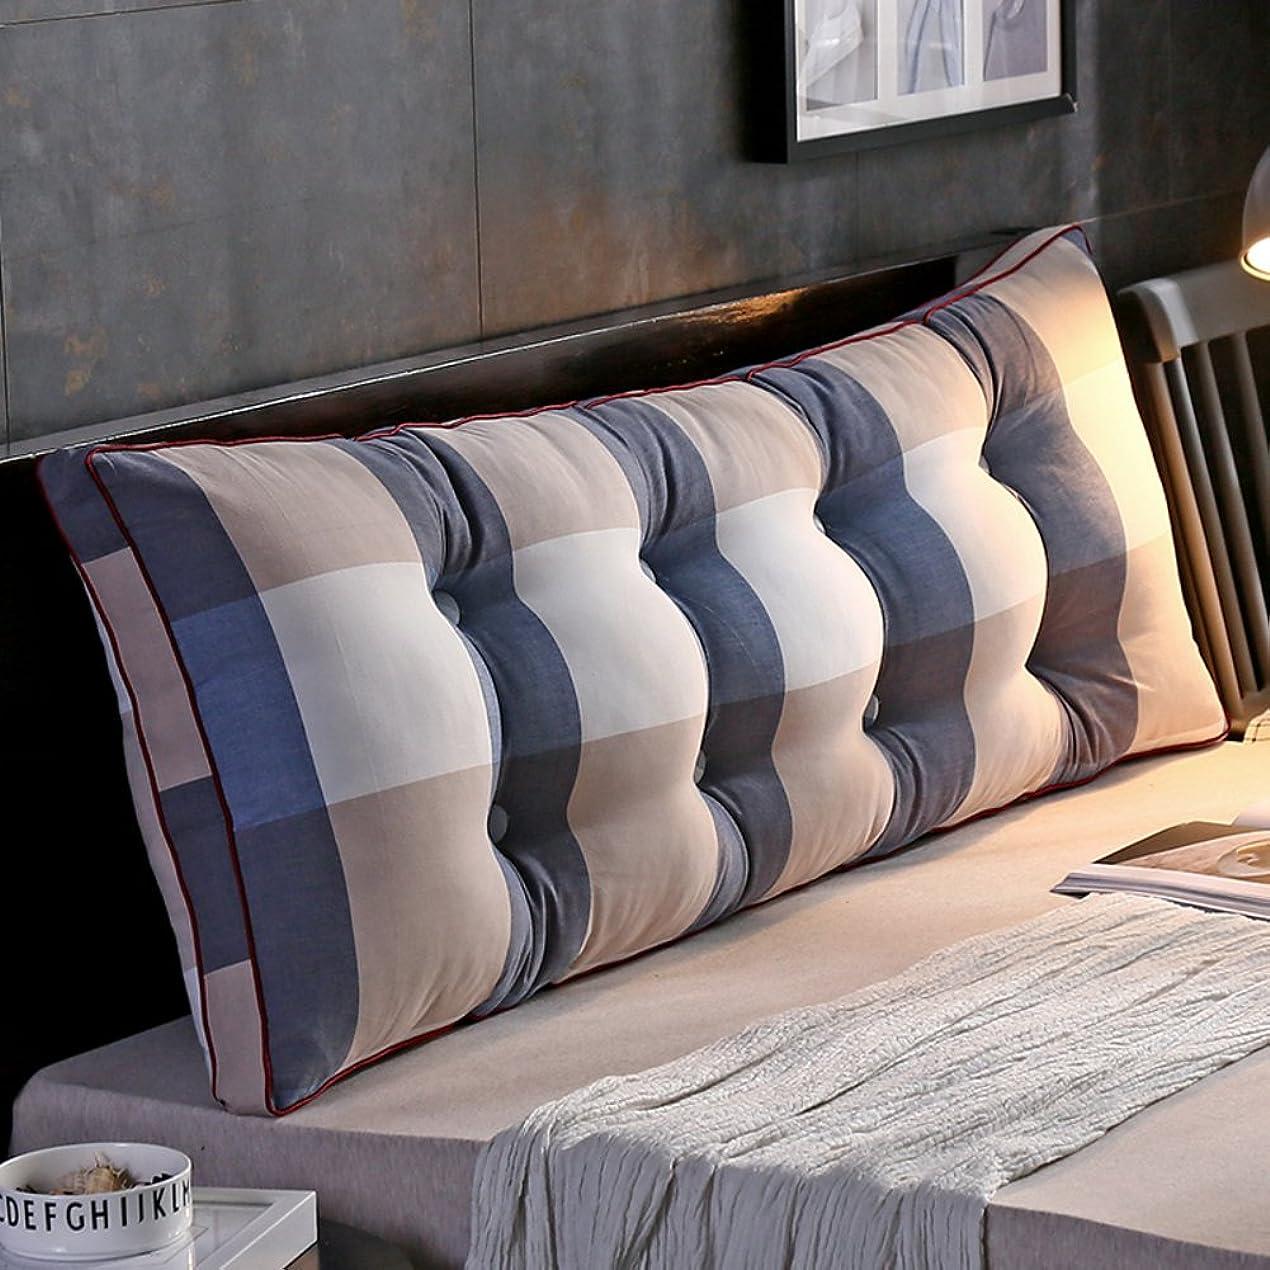 酸化物区政権綿 畳 ウェッジ 枕,pp-綿 いっぱい 三角 ベッド背もたれ 位置決め サポート 張り ヘッドボード ソファ ベッド 読書枕 洗える-w 150x50cm(59x20inch)